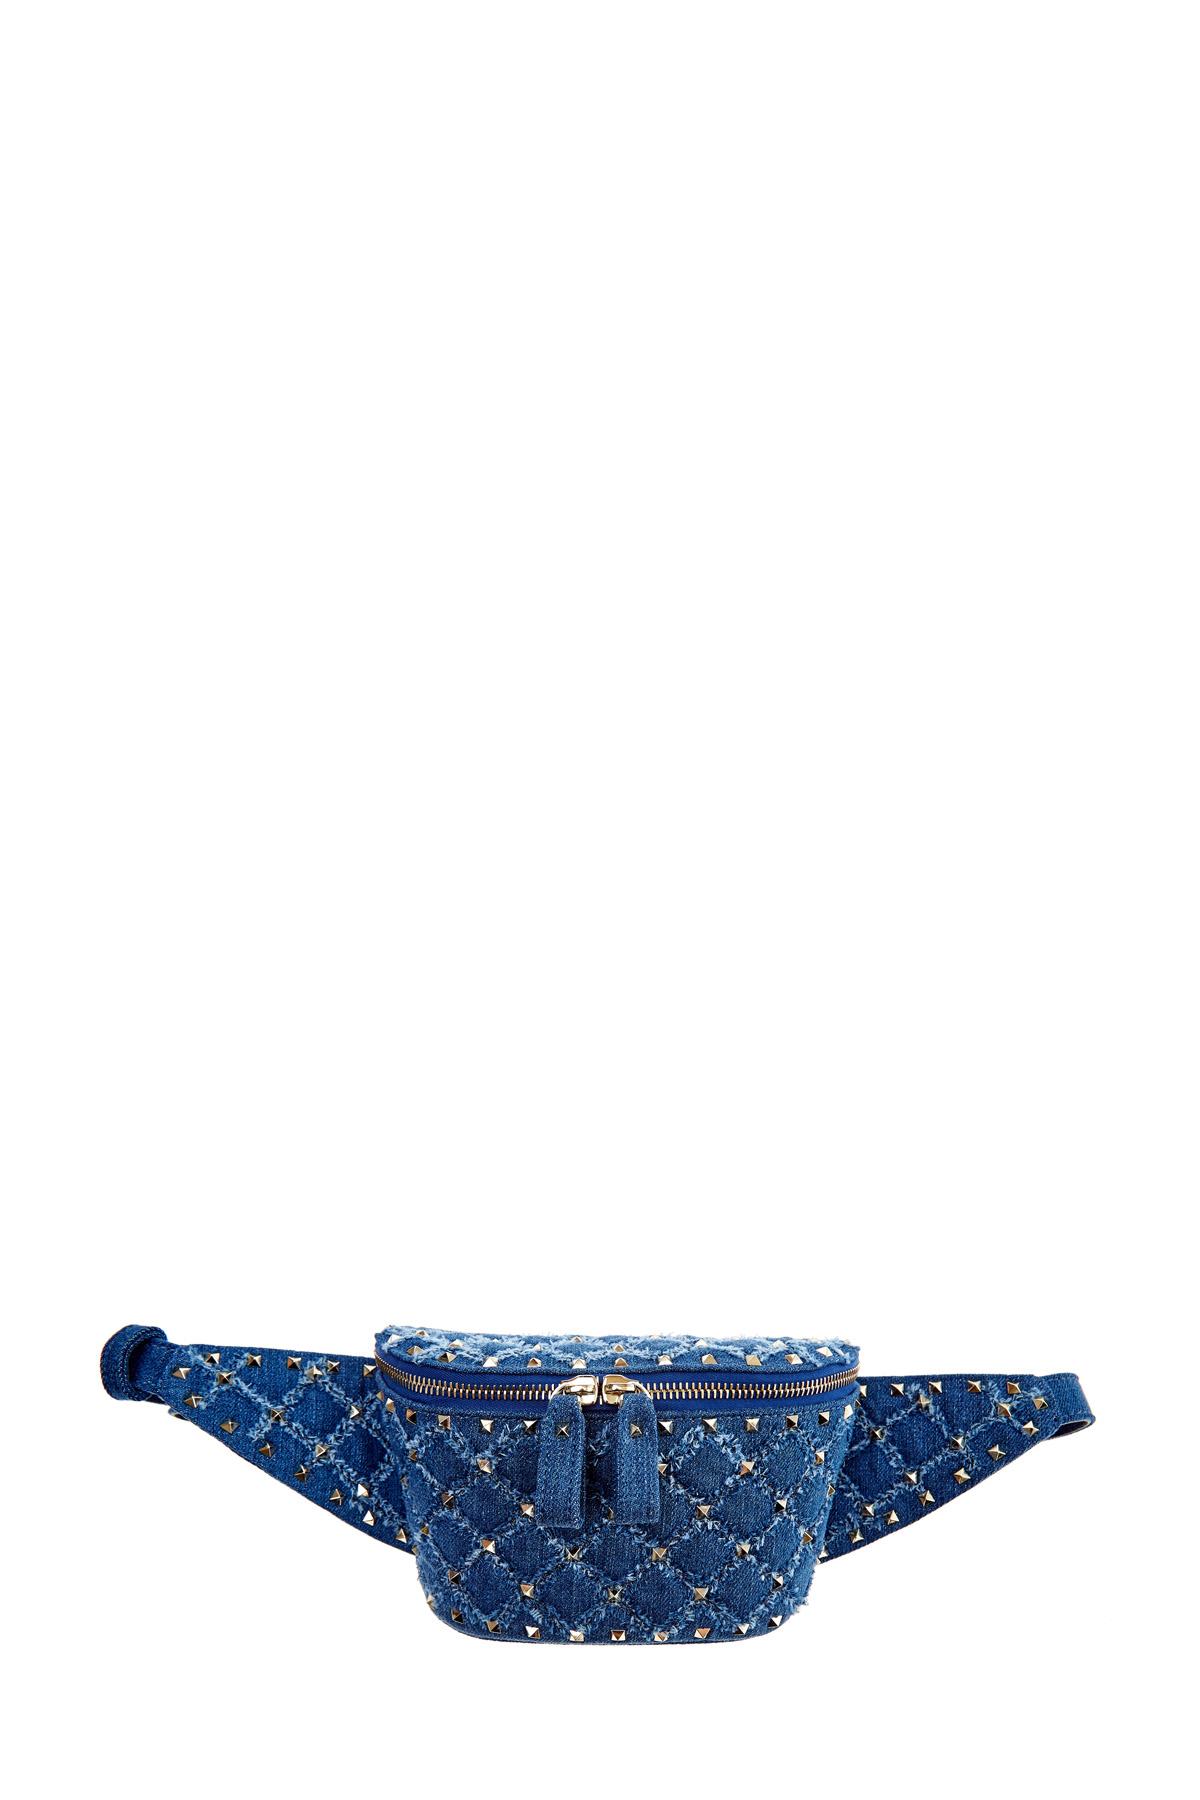 Купить со скидкой Поясная сумка Rockstud Spike из денима с отделкой заклепками